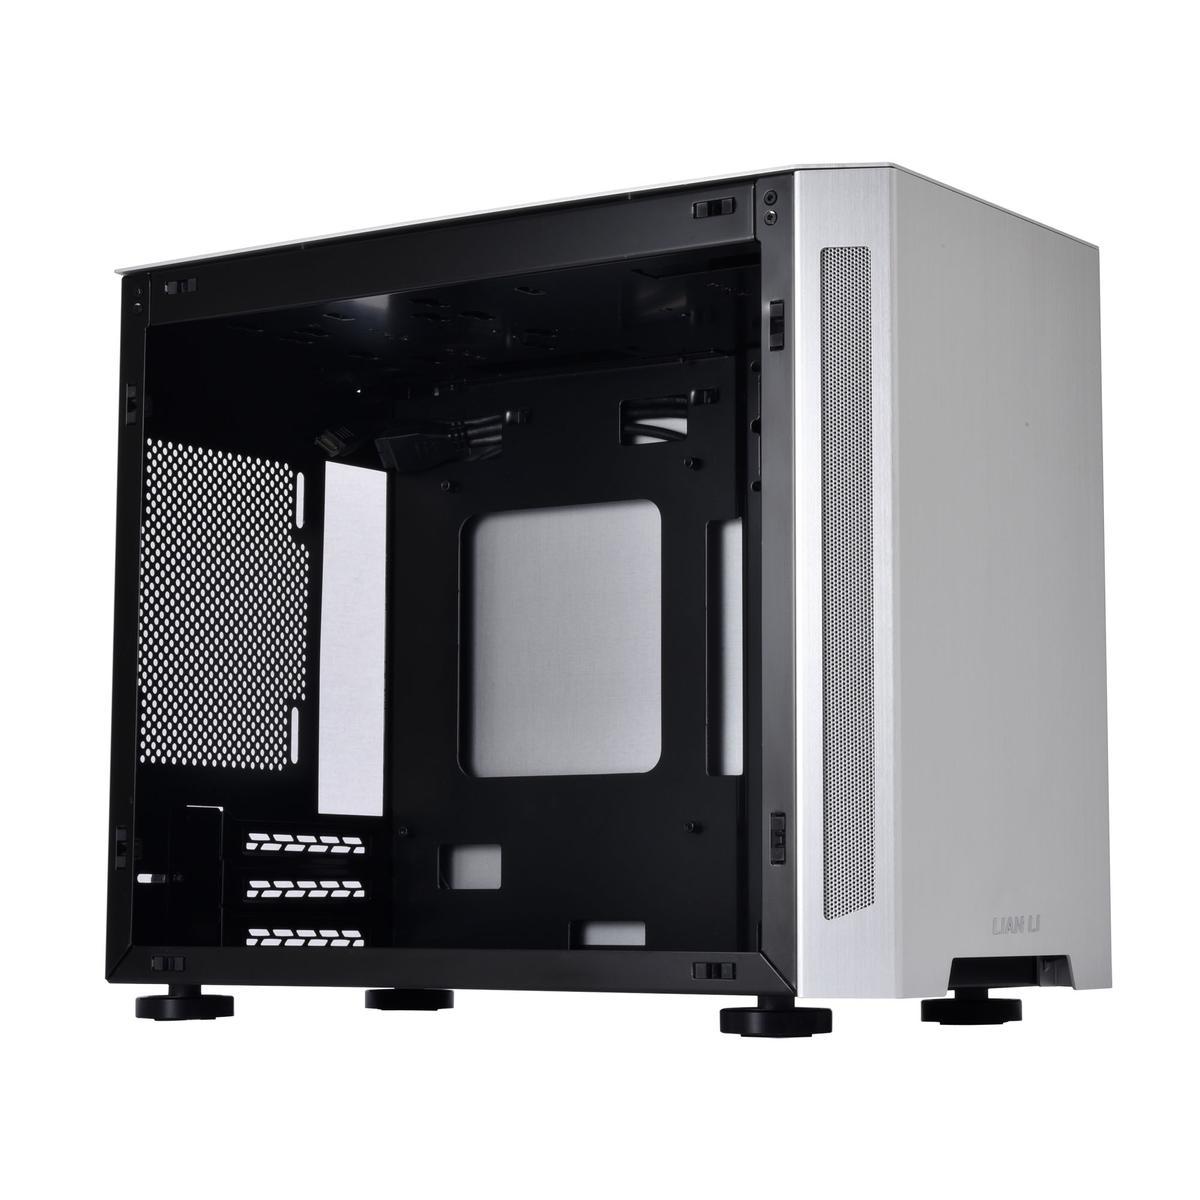 LIAN LI TU150 Mini ITX Desktop (Prata)